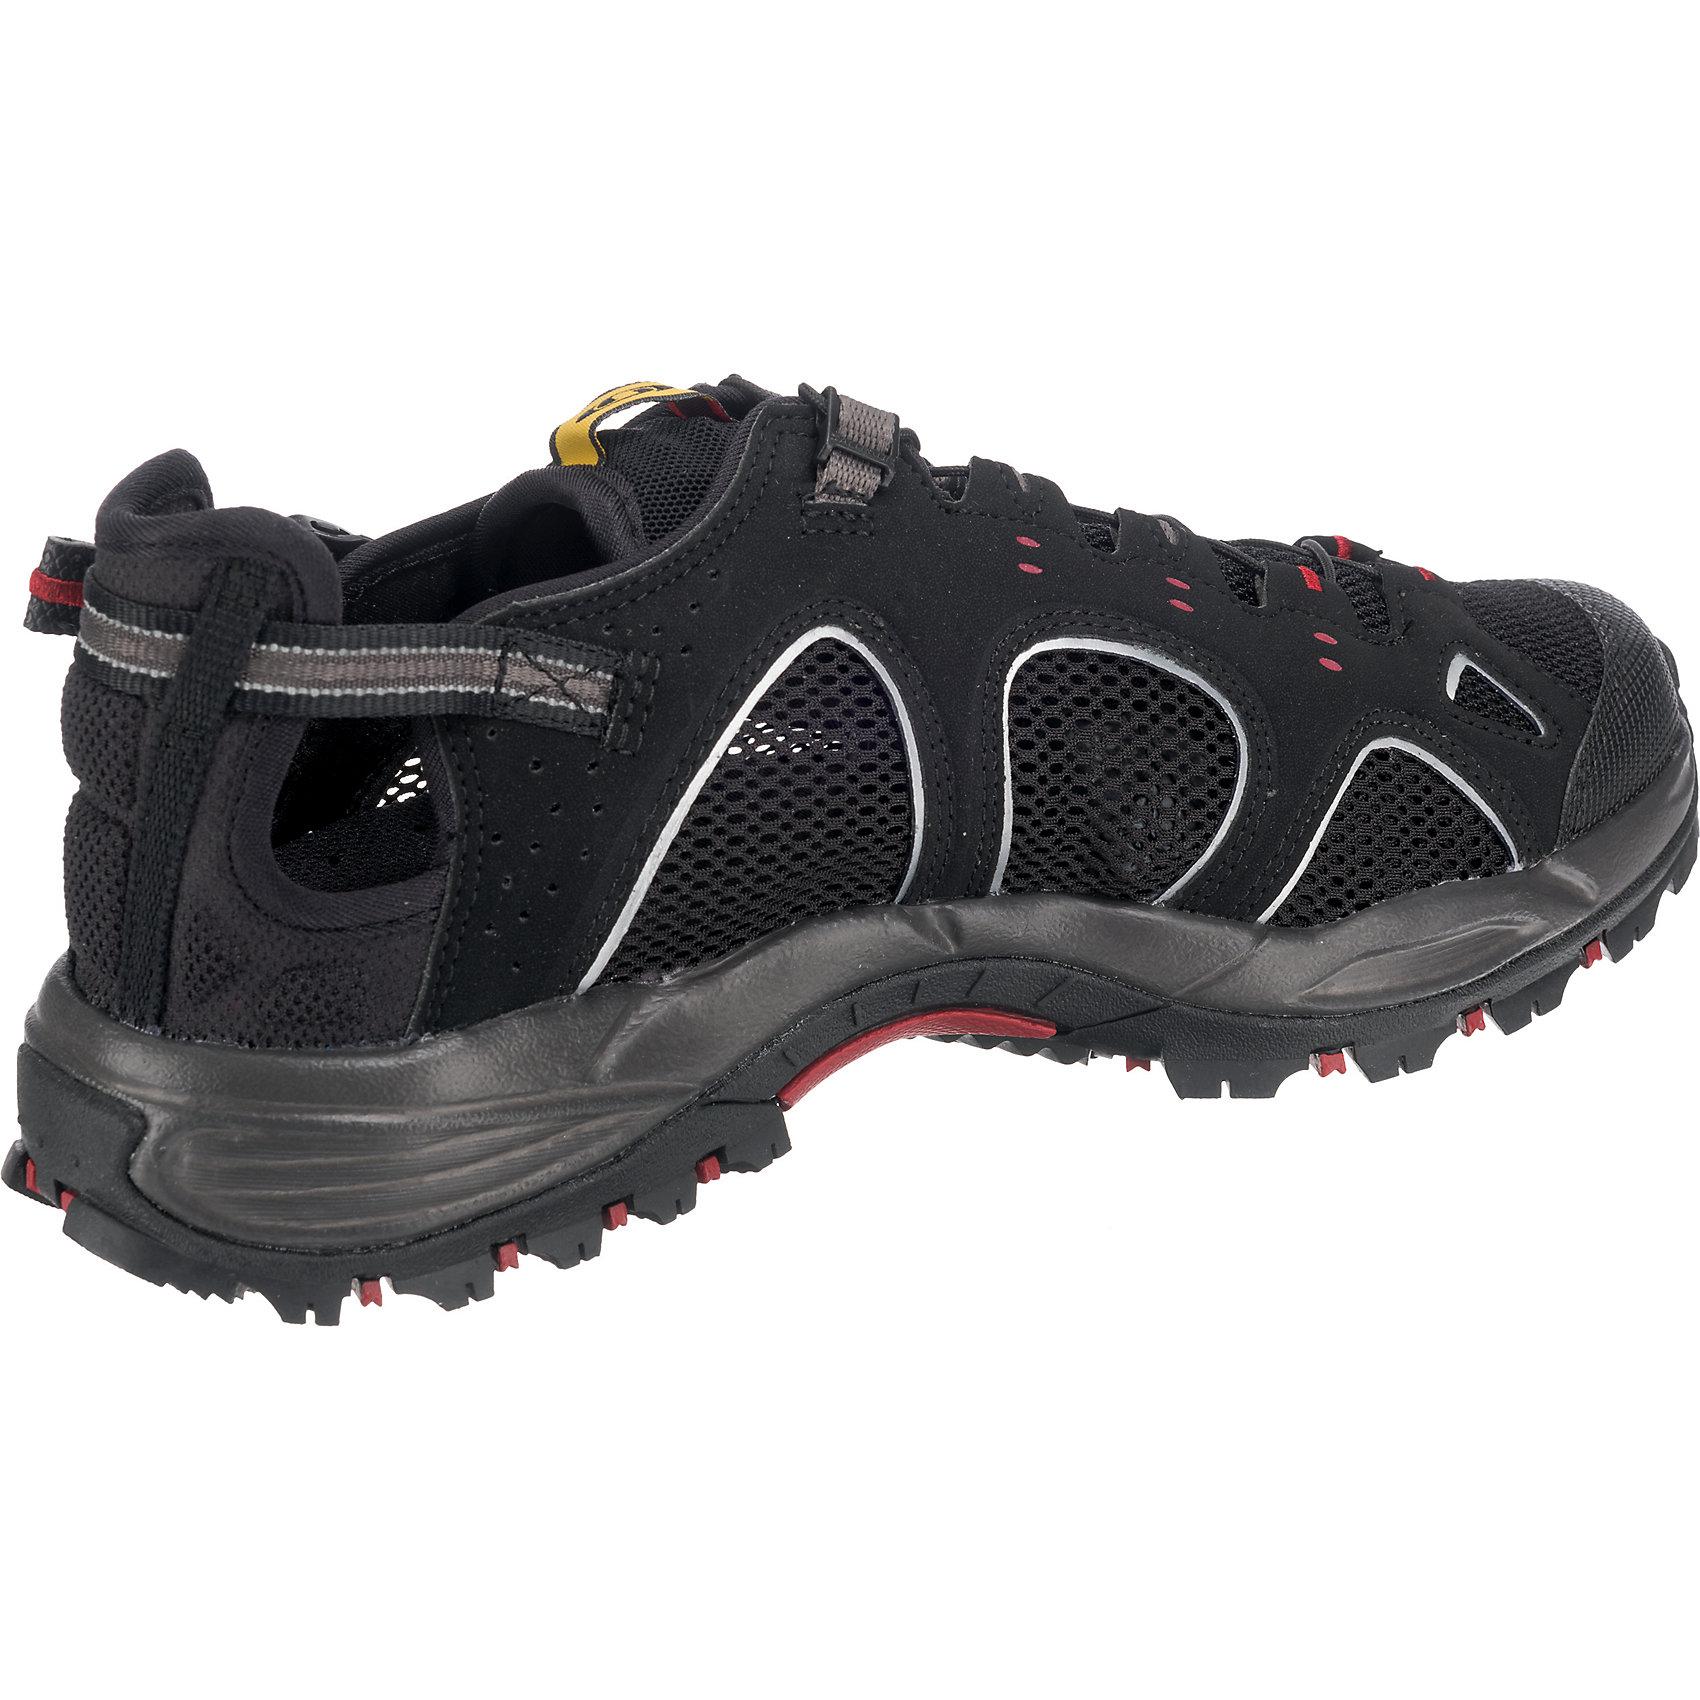 Neu-Salomon-Schuhe-TECHAMPHIBIAN-3-Black-ATOB-FLEA-Outdoorsandalen-6831844